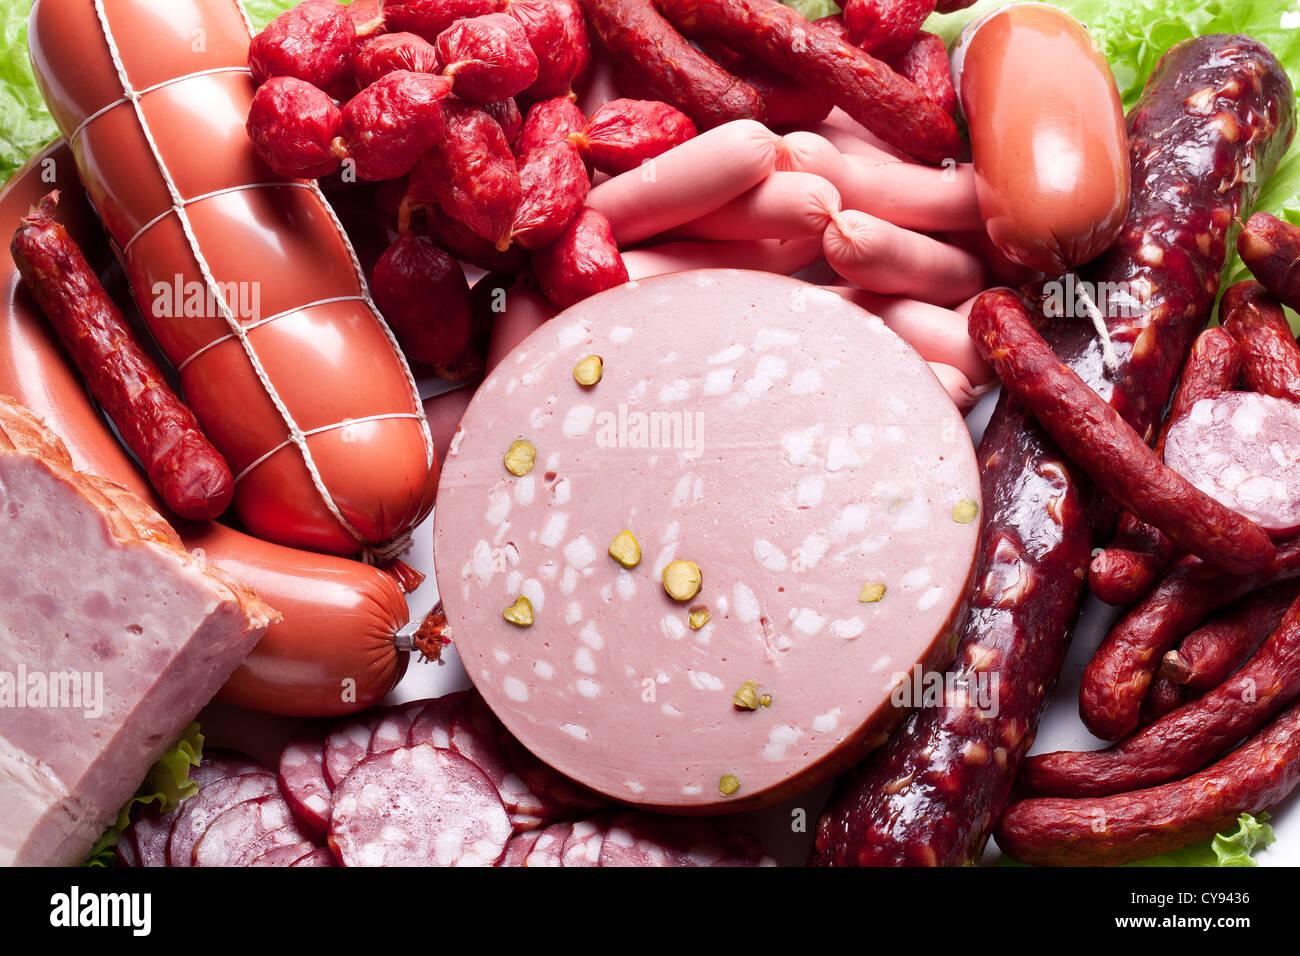 Viande et charcuterie sur des feuilles de laitue. Photo Stock